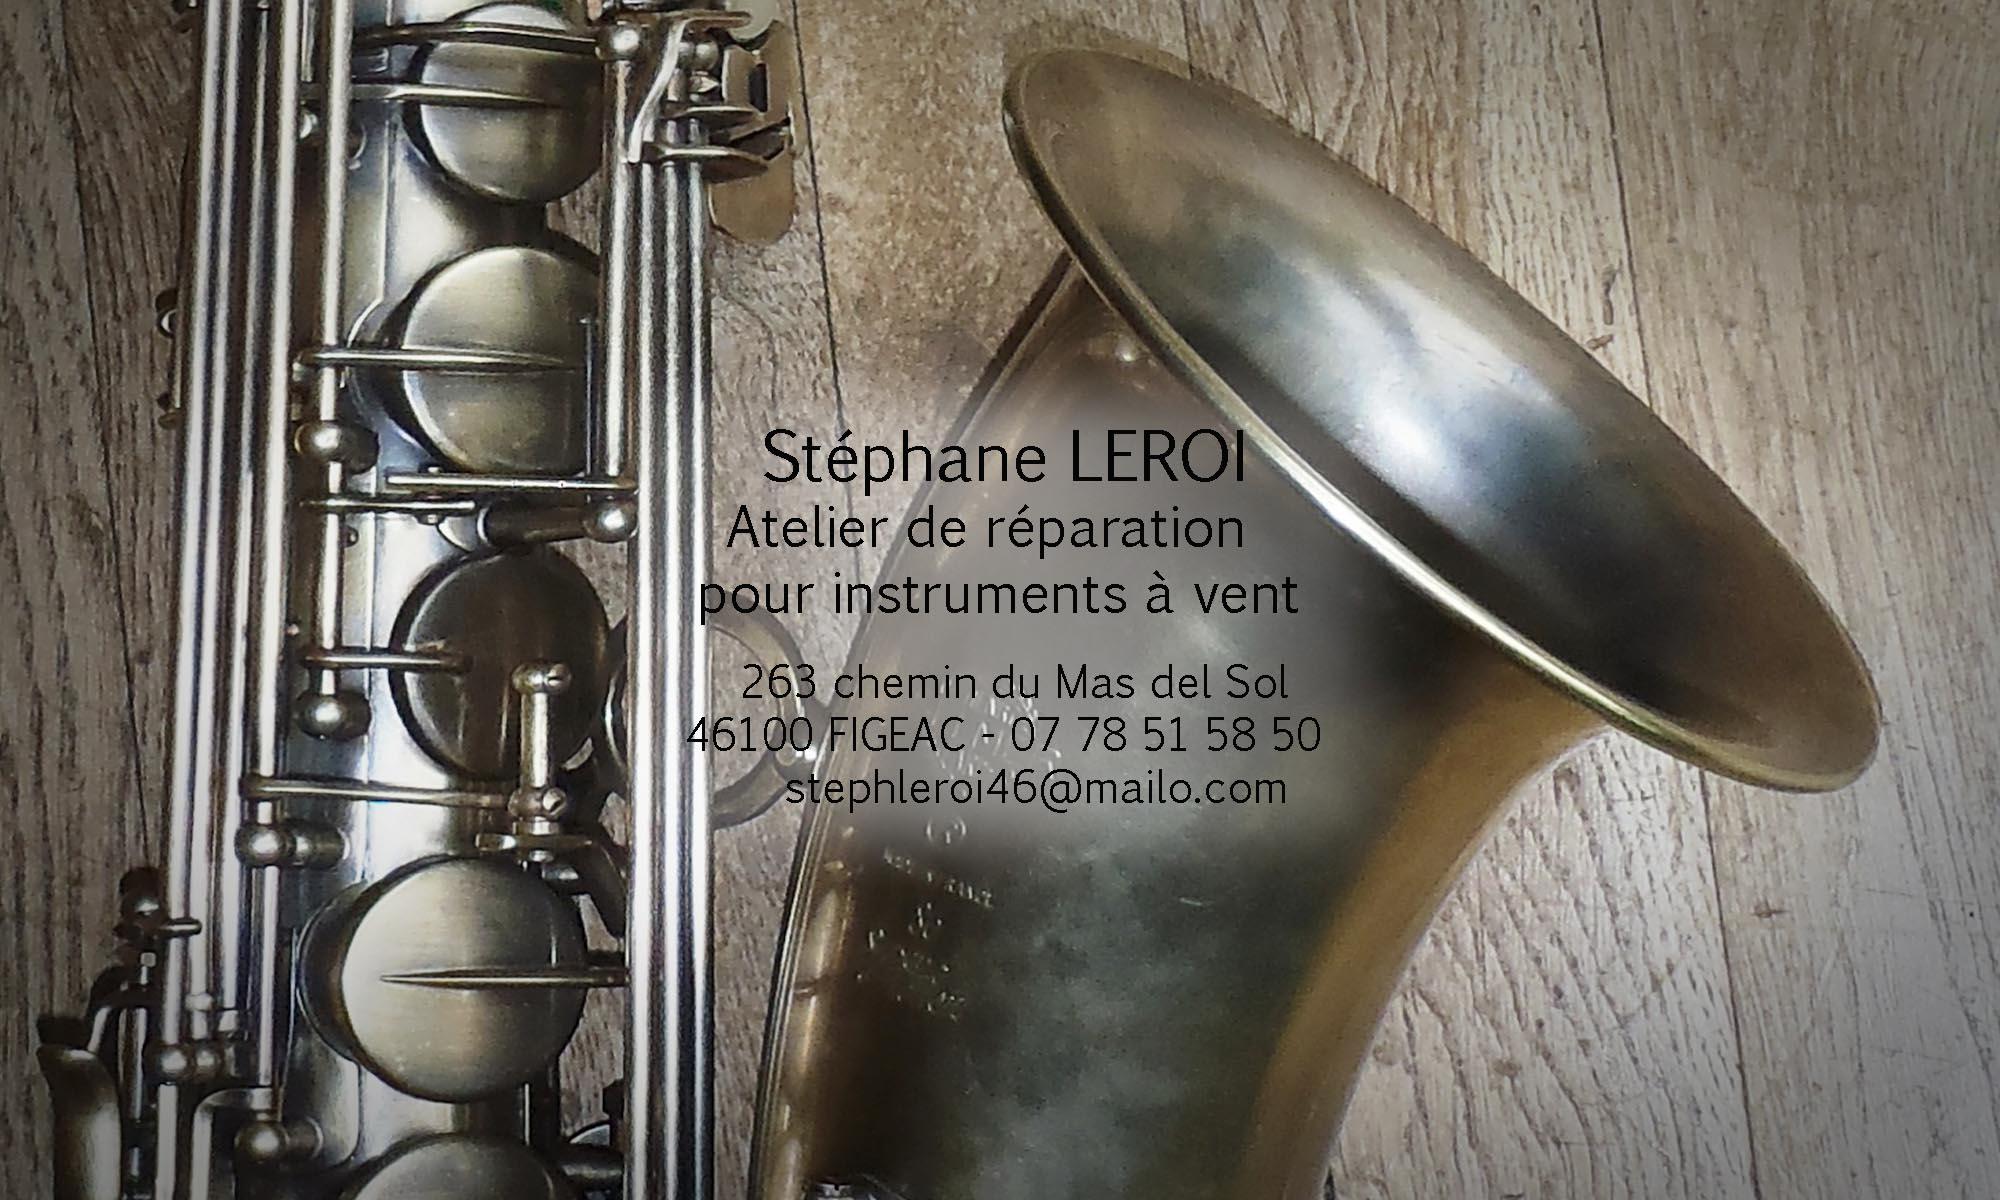 Stéphane LEROI